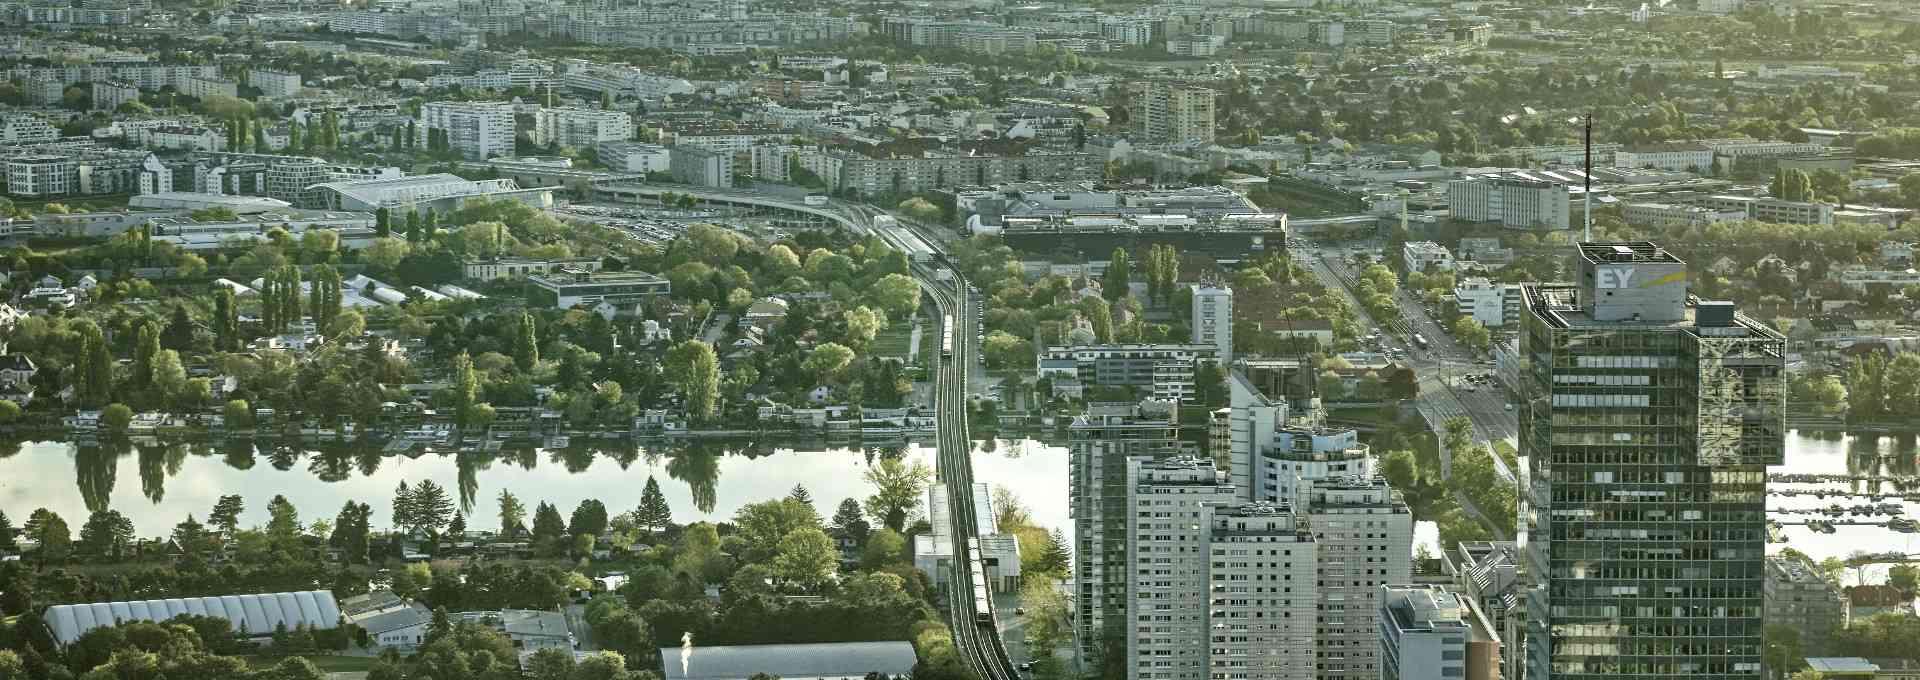 Wien wurde bereits zum 9. Mal in Serie als lebenswerteste Stadt gewählt - und wir alle tragen unseren Beitrag dazu bei.